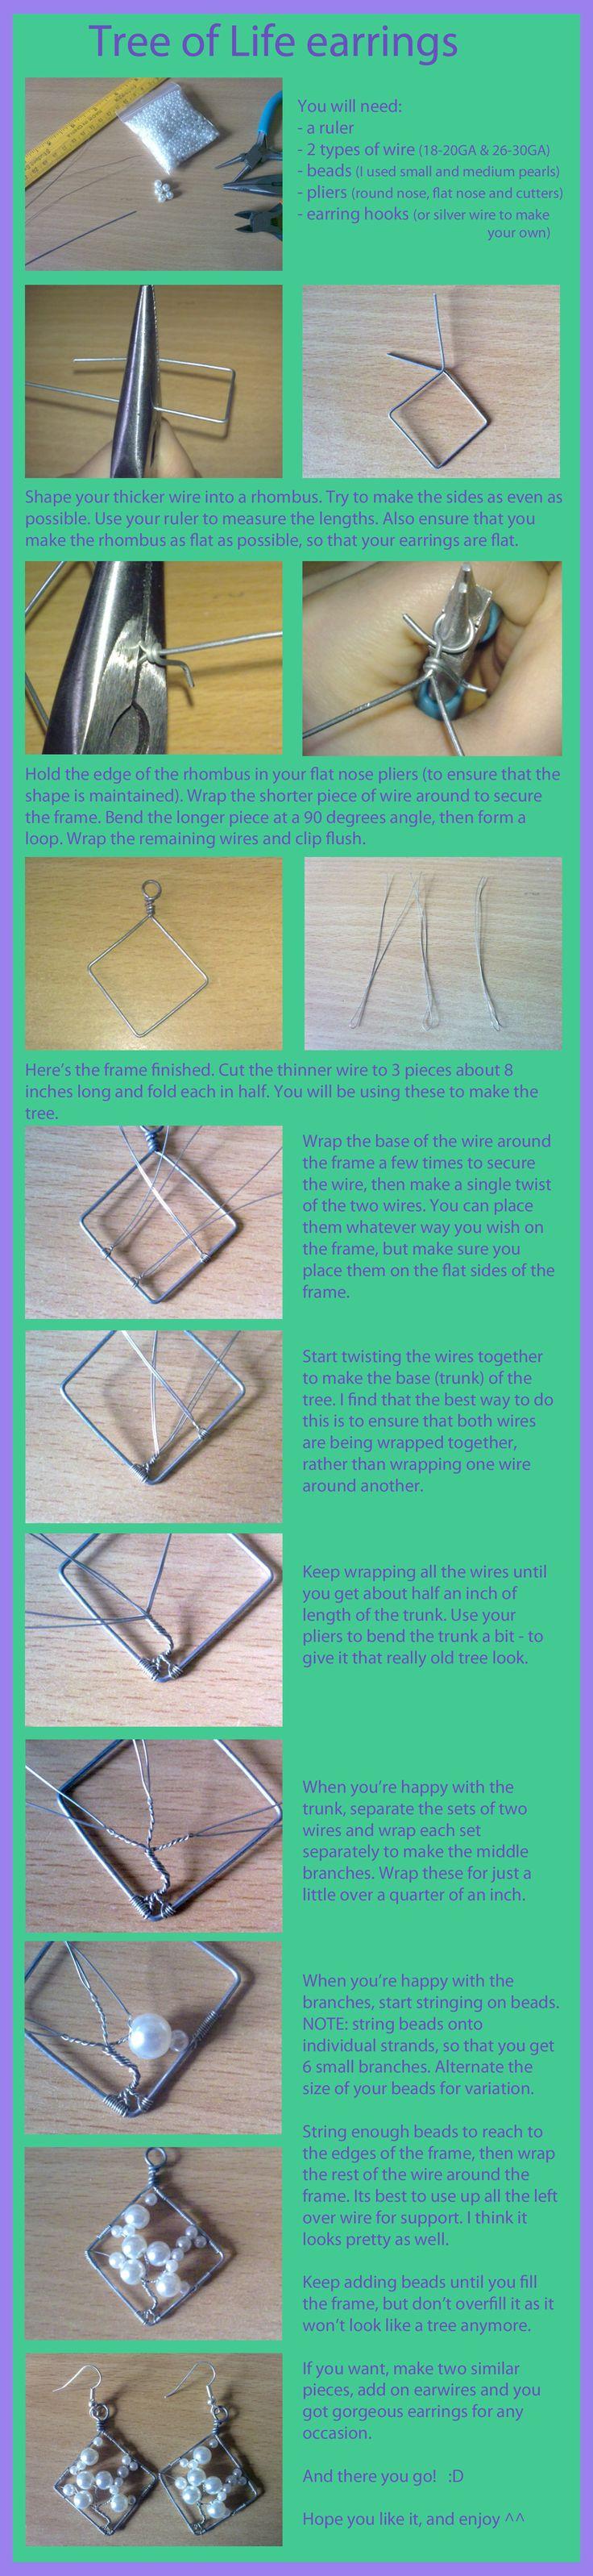 Древо жизни бесплатно инструкции: Мне нравится квадратную рамку - не они, как правило, круглая?